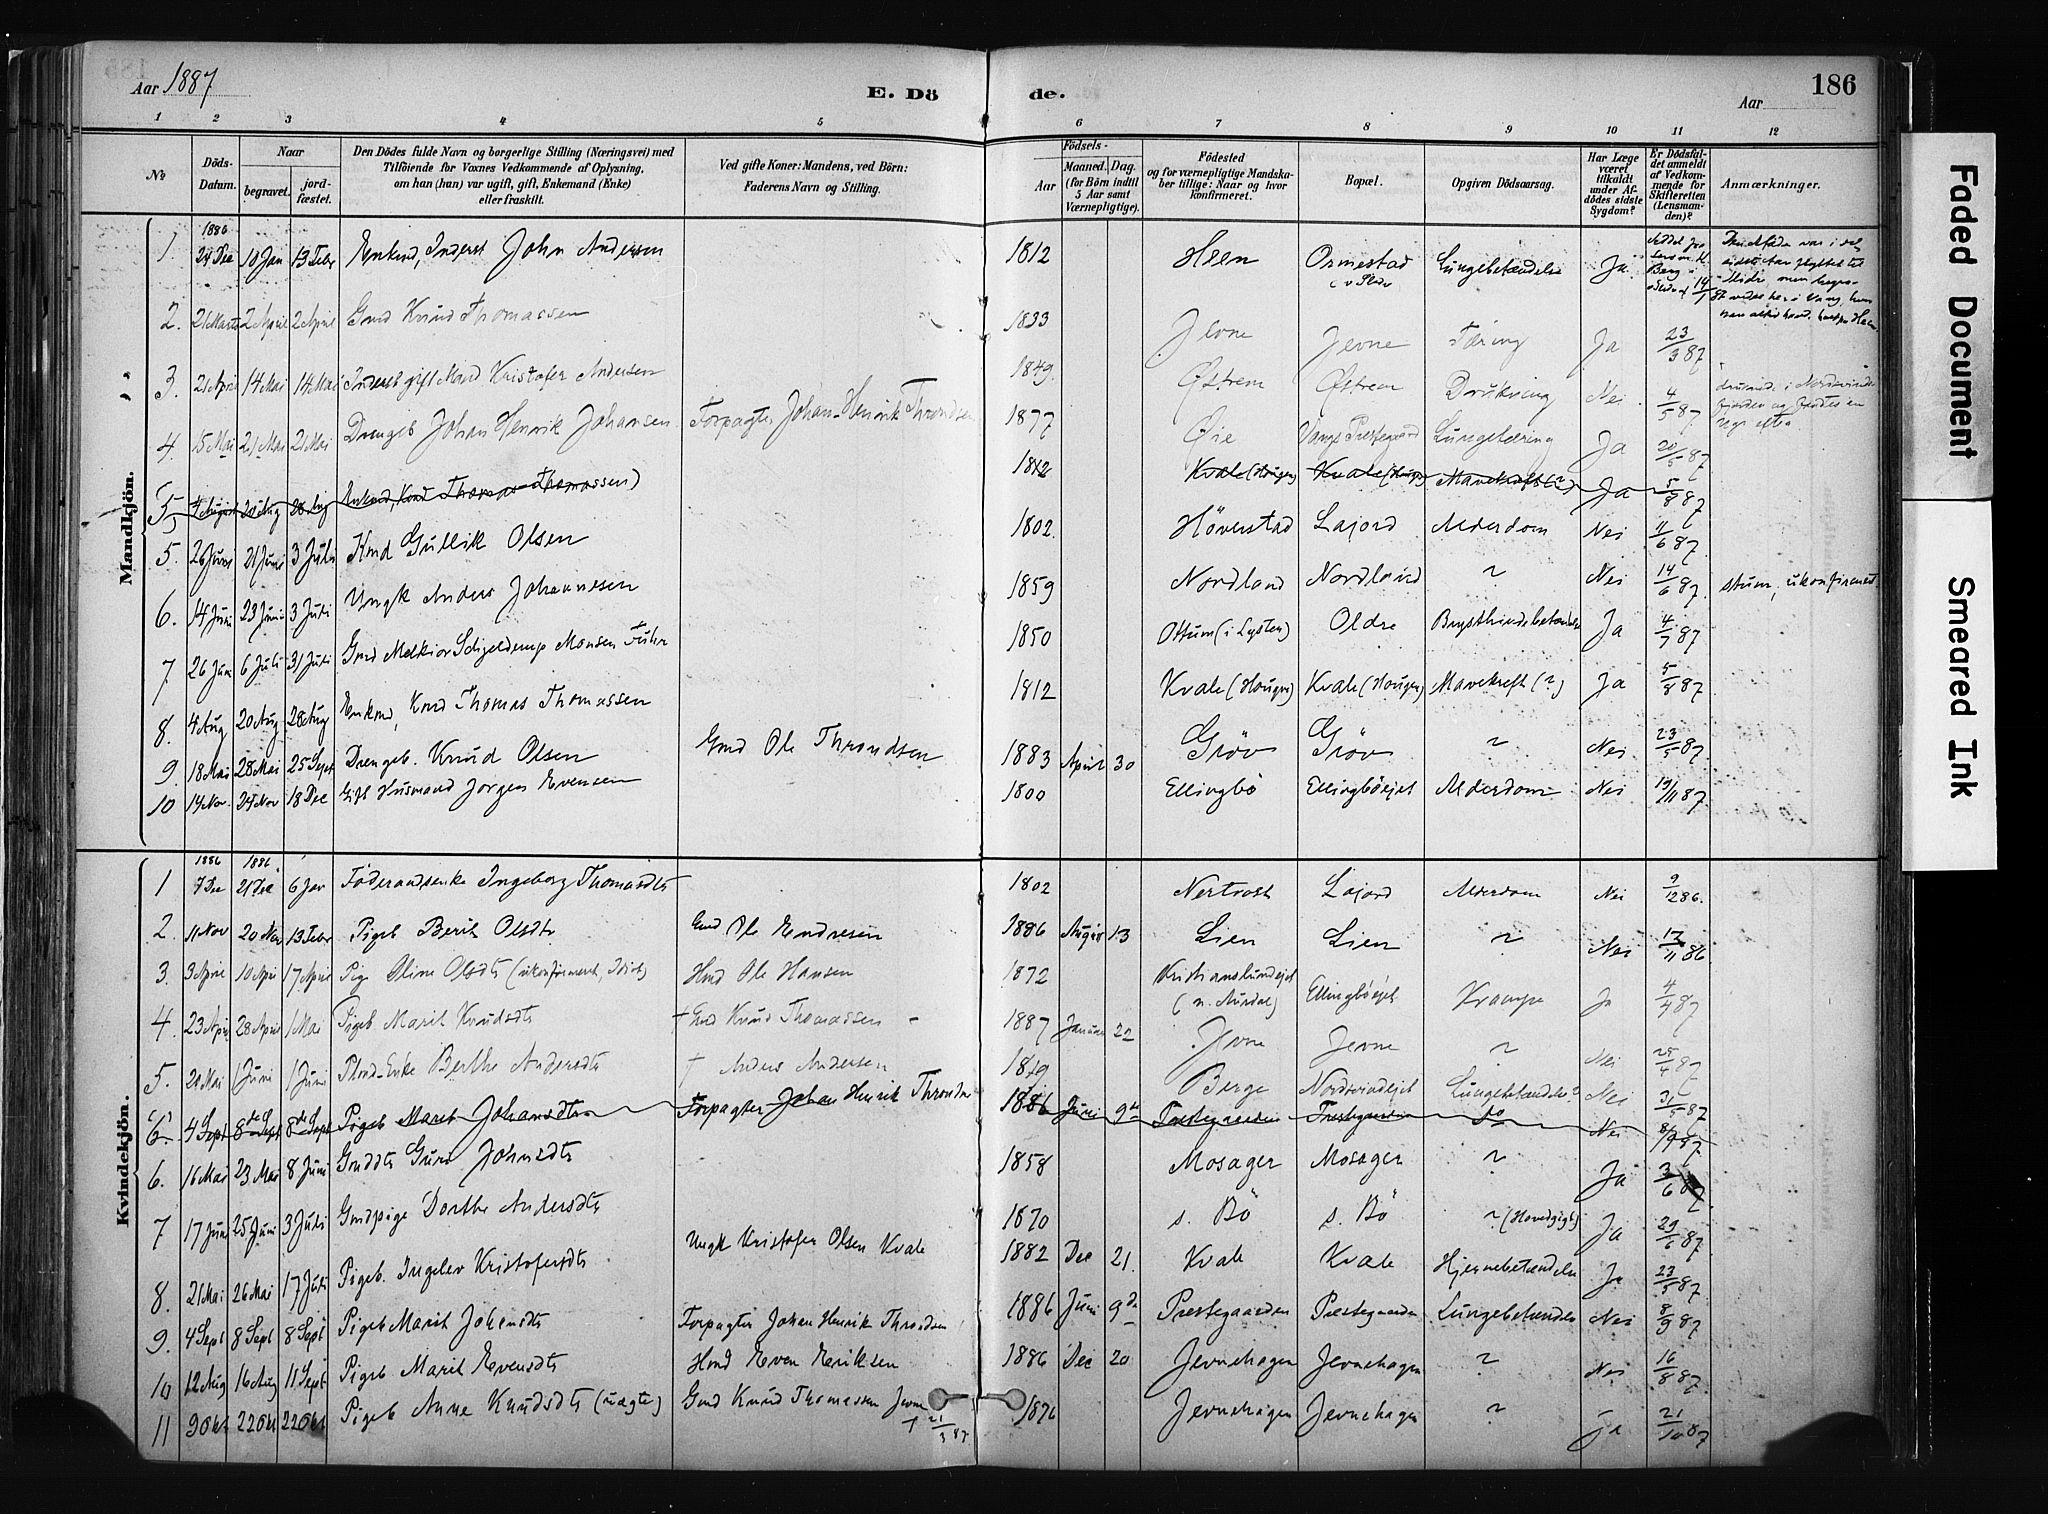 SAH, Vang prestekontor, Valdres, Ministerialbok nr. 8, 1882-1910, s. 186